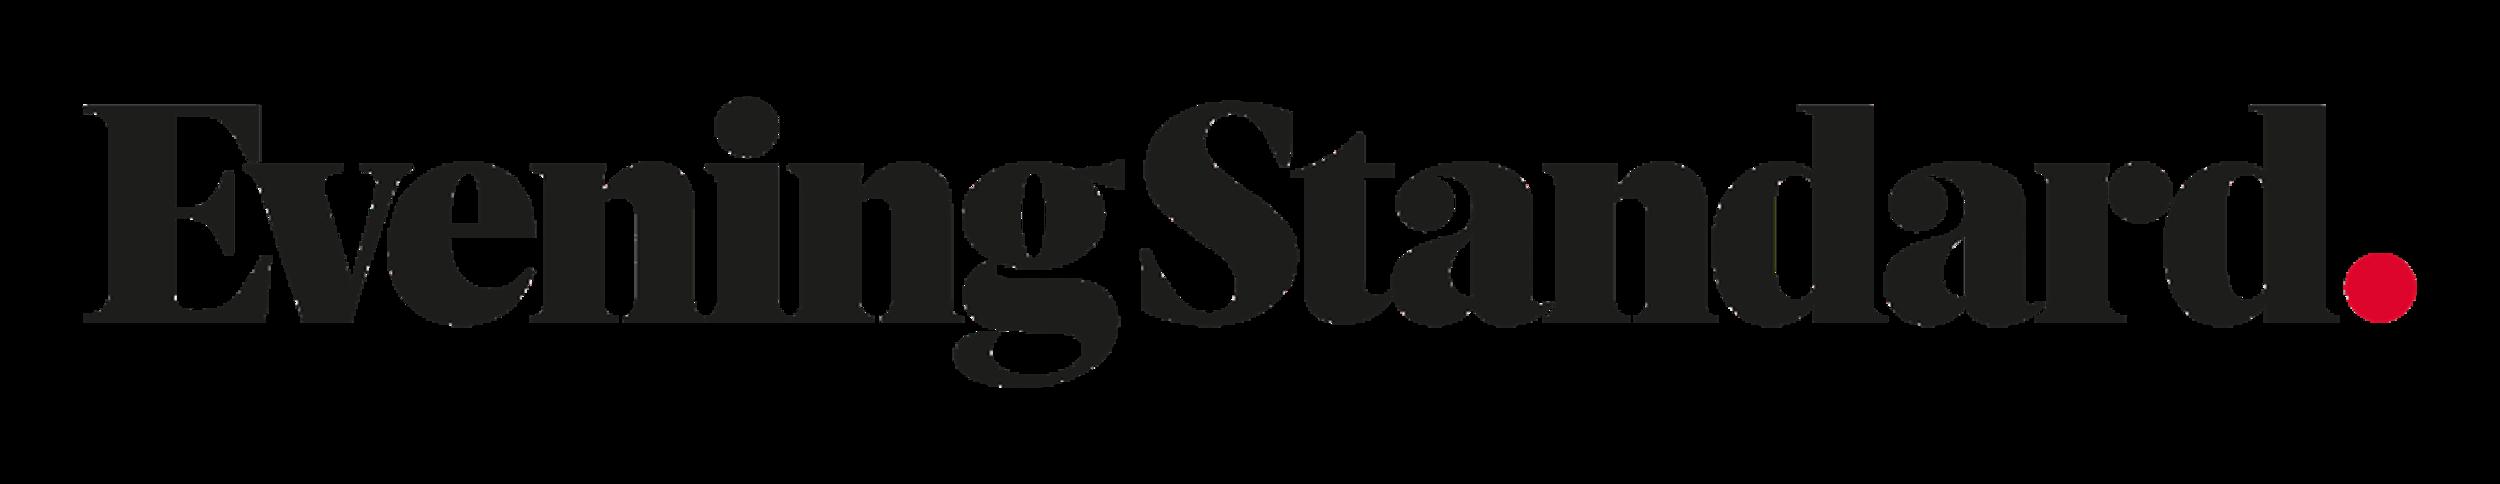 Evening Standard Logo.png